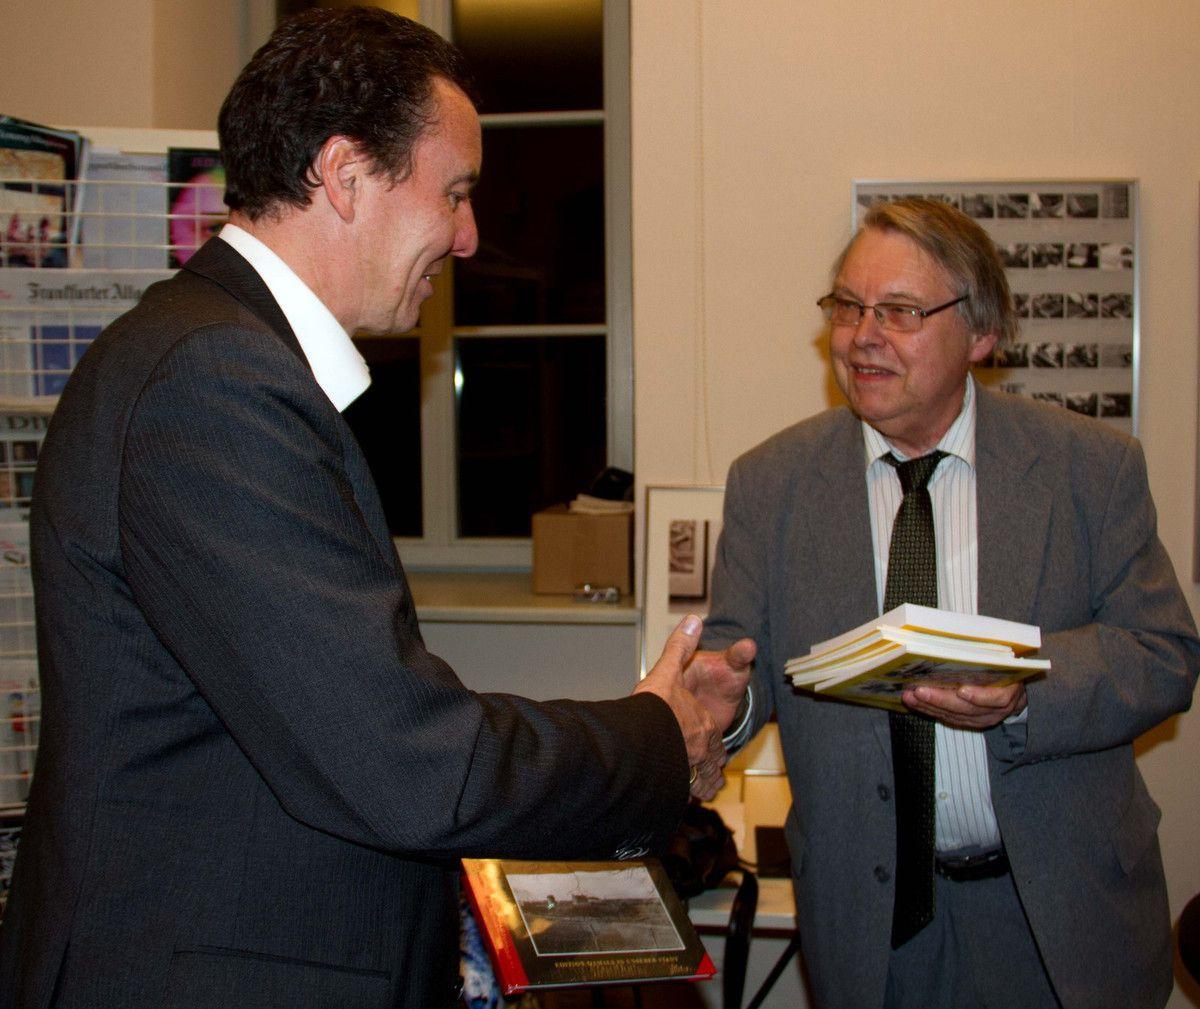 """Bernd Richter überreichte einige Exemplare des Buches """"Die Friedliche Revolution 1989/1990 im ehemaligen Kreis Geithain"""" an Bürgermeister Jürgen Götz. Das Buch kann in der Bücherei ausgeliehen werden."""